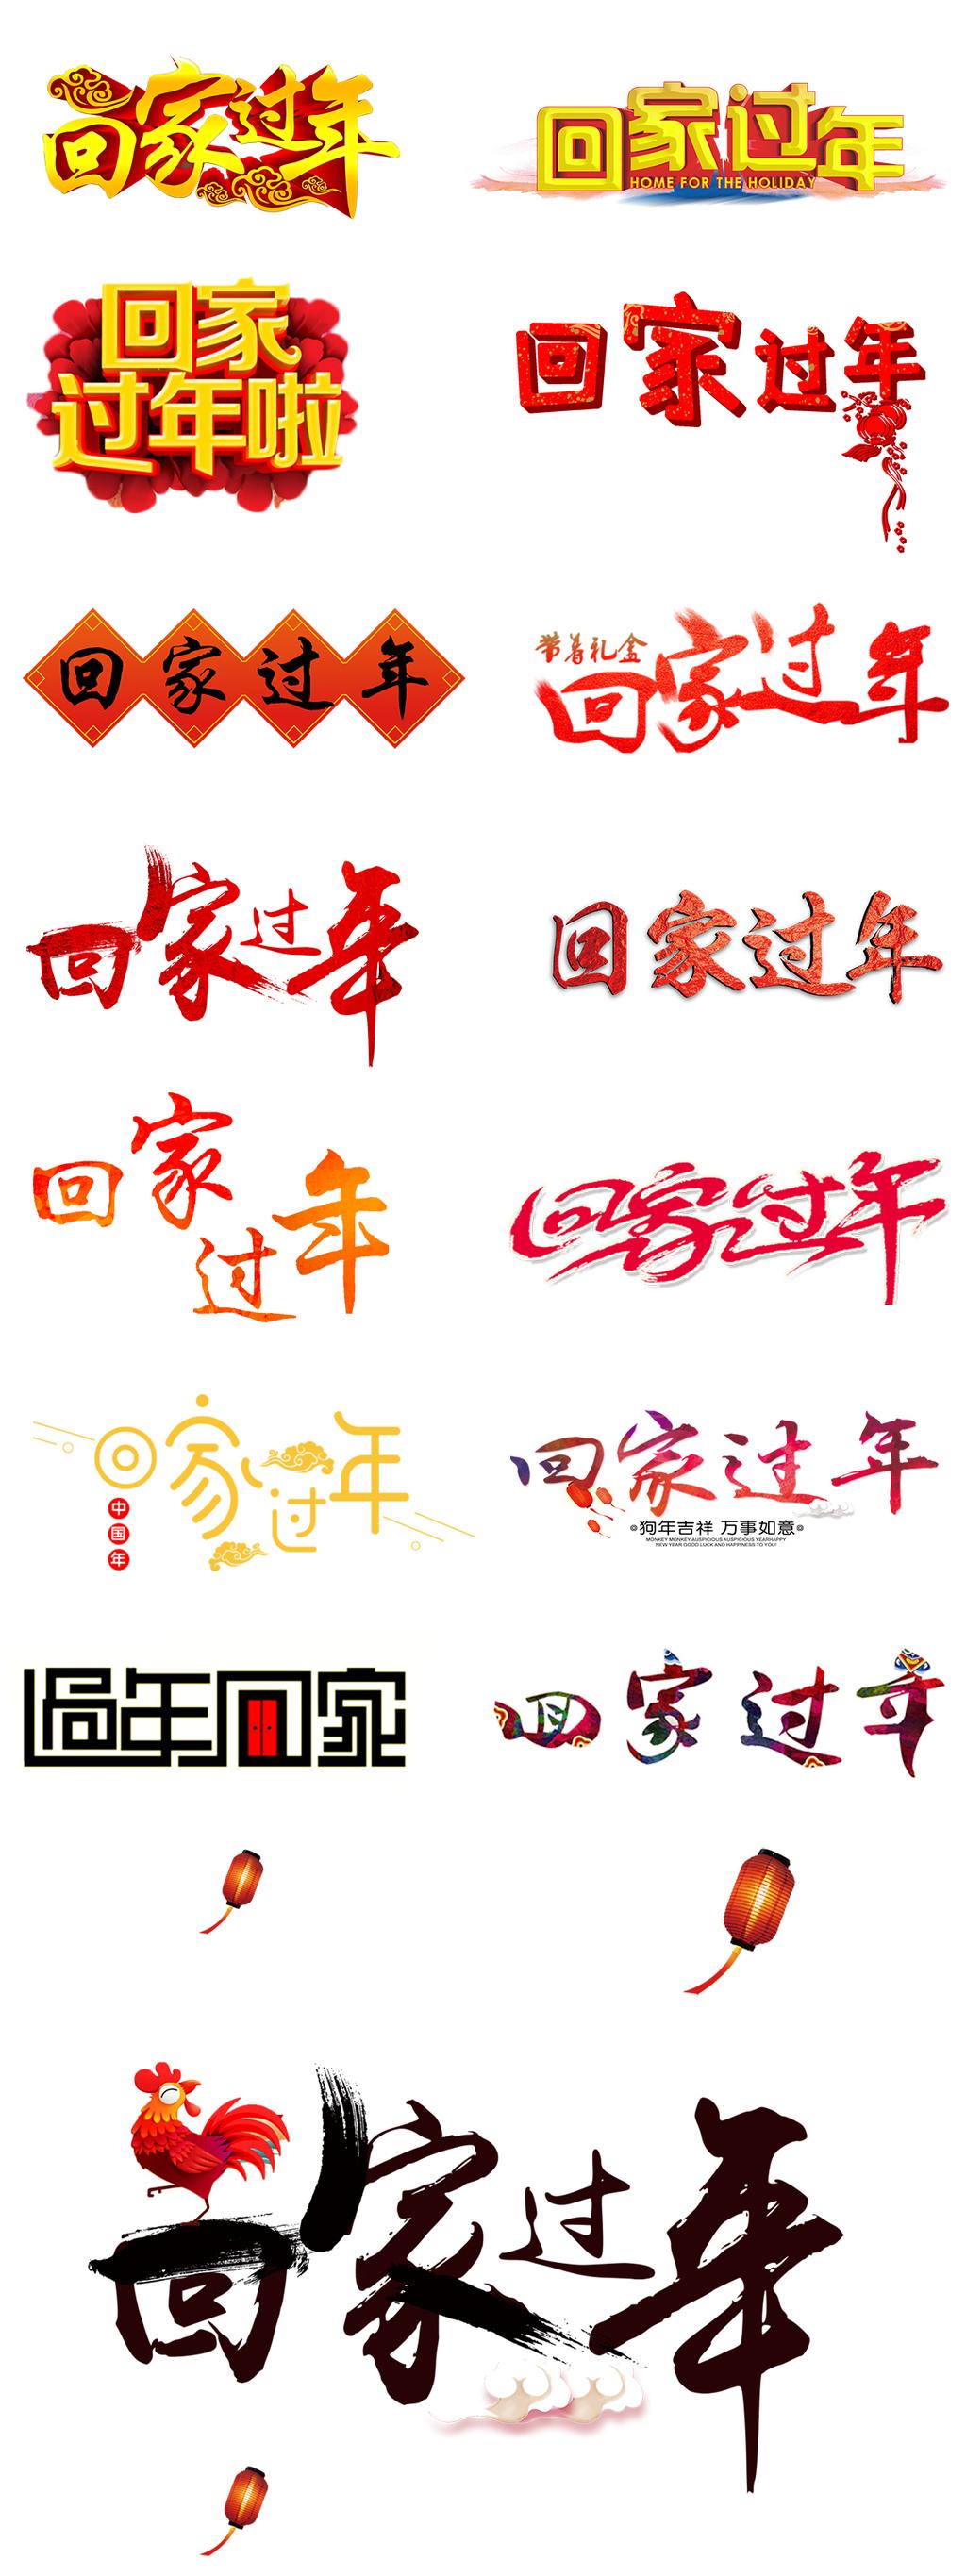 回家过年喜迎新春晚会春运新年春节素材图片